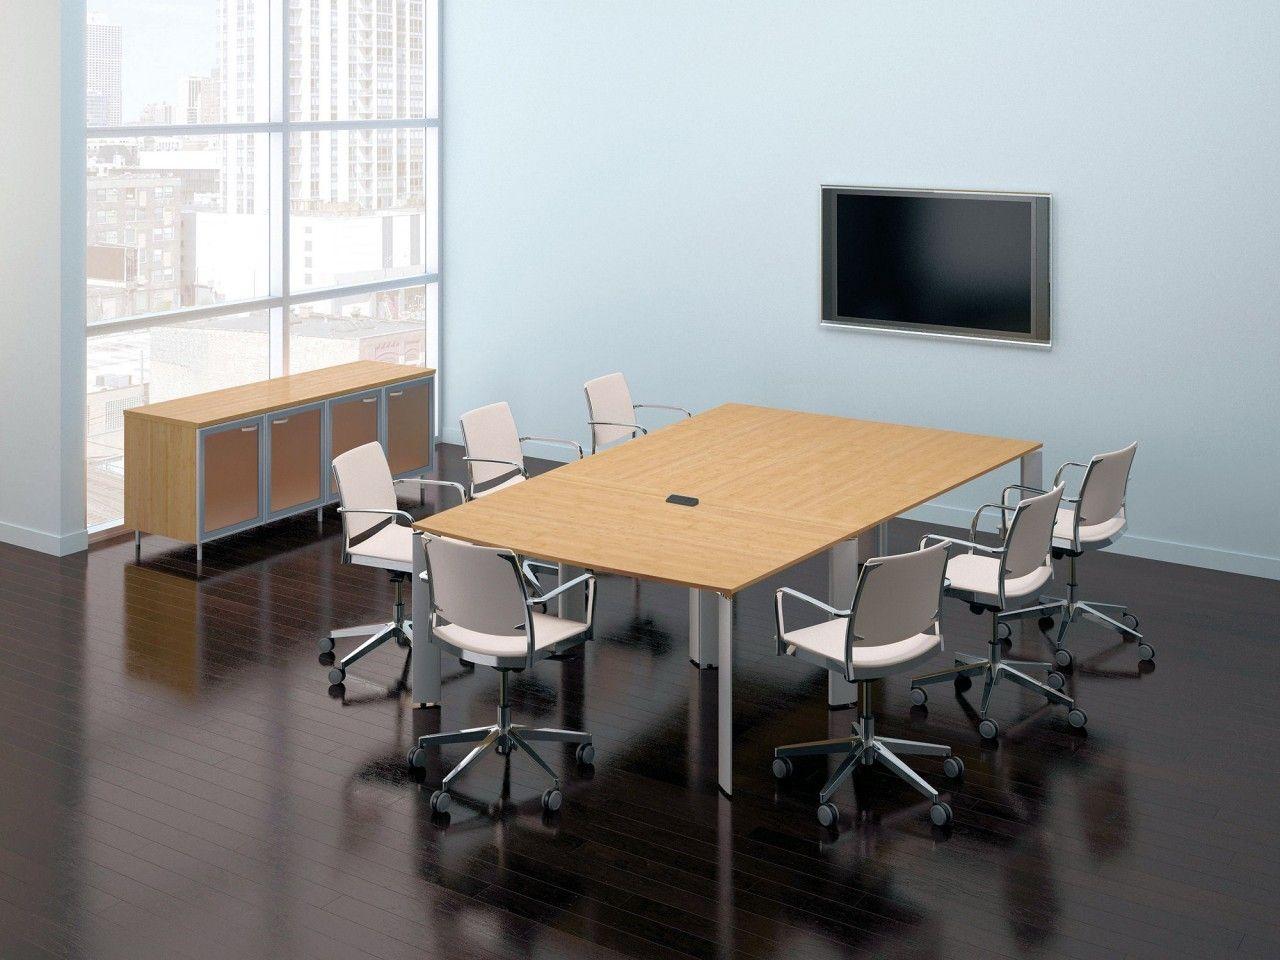 Krug V2 Modular Conference Space Design Furniture Modular